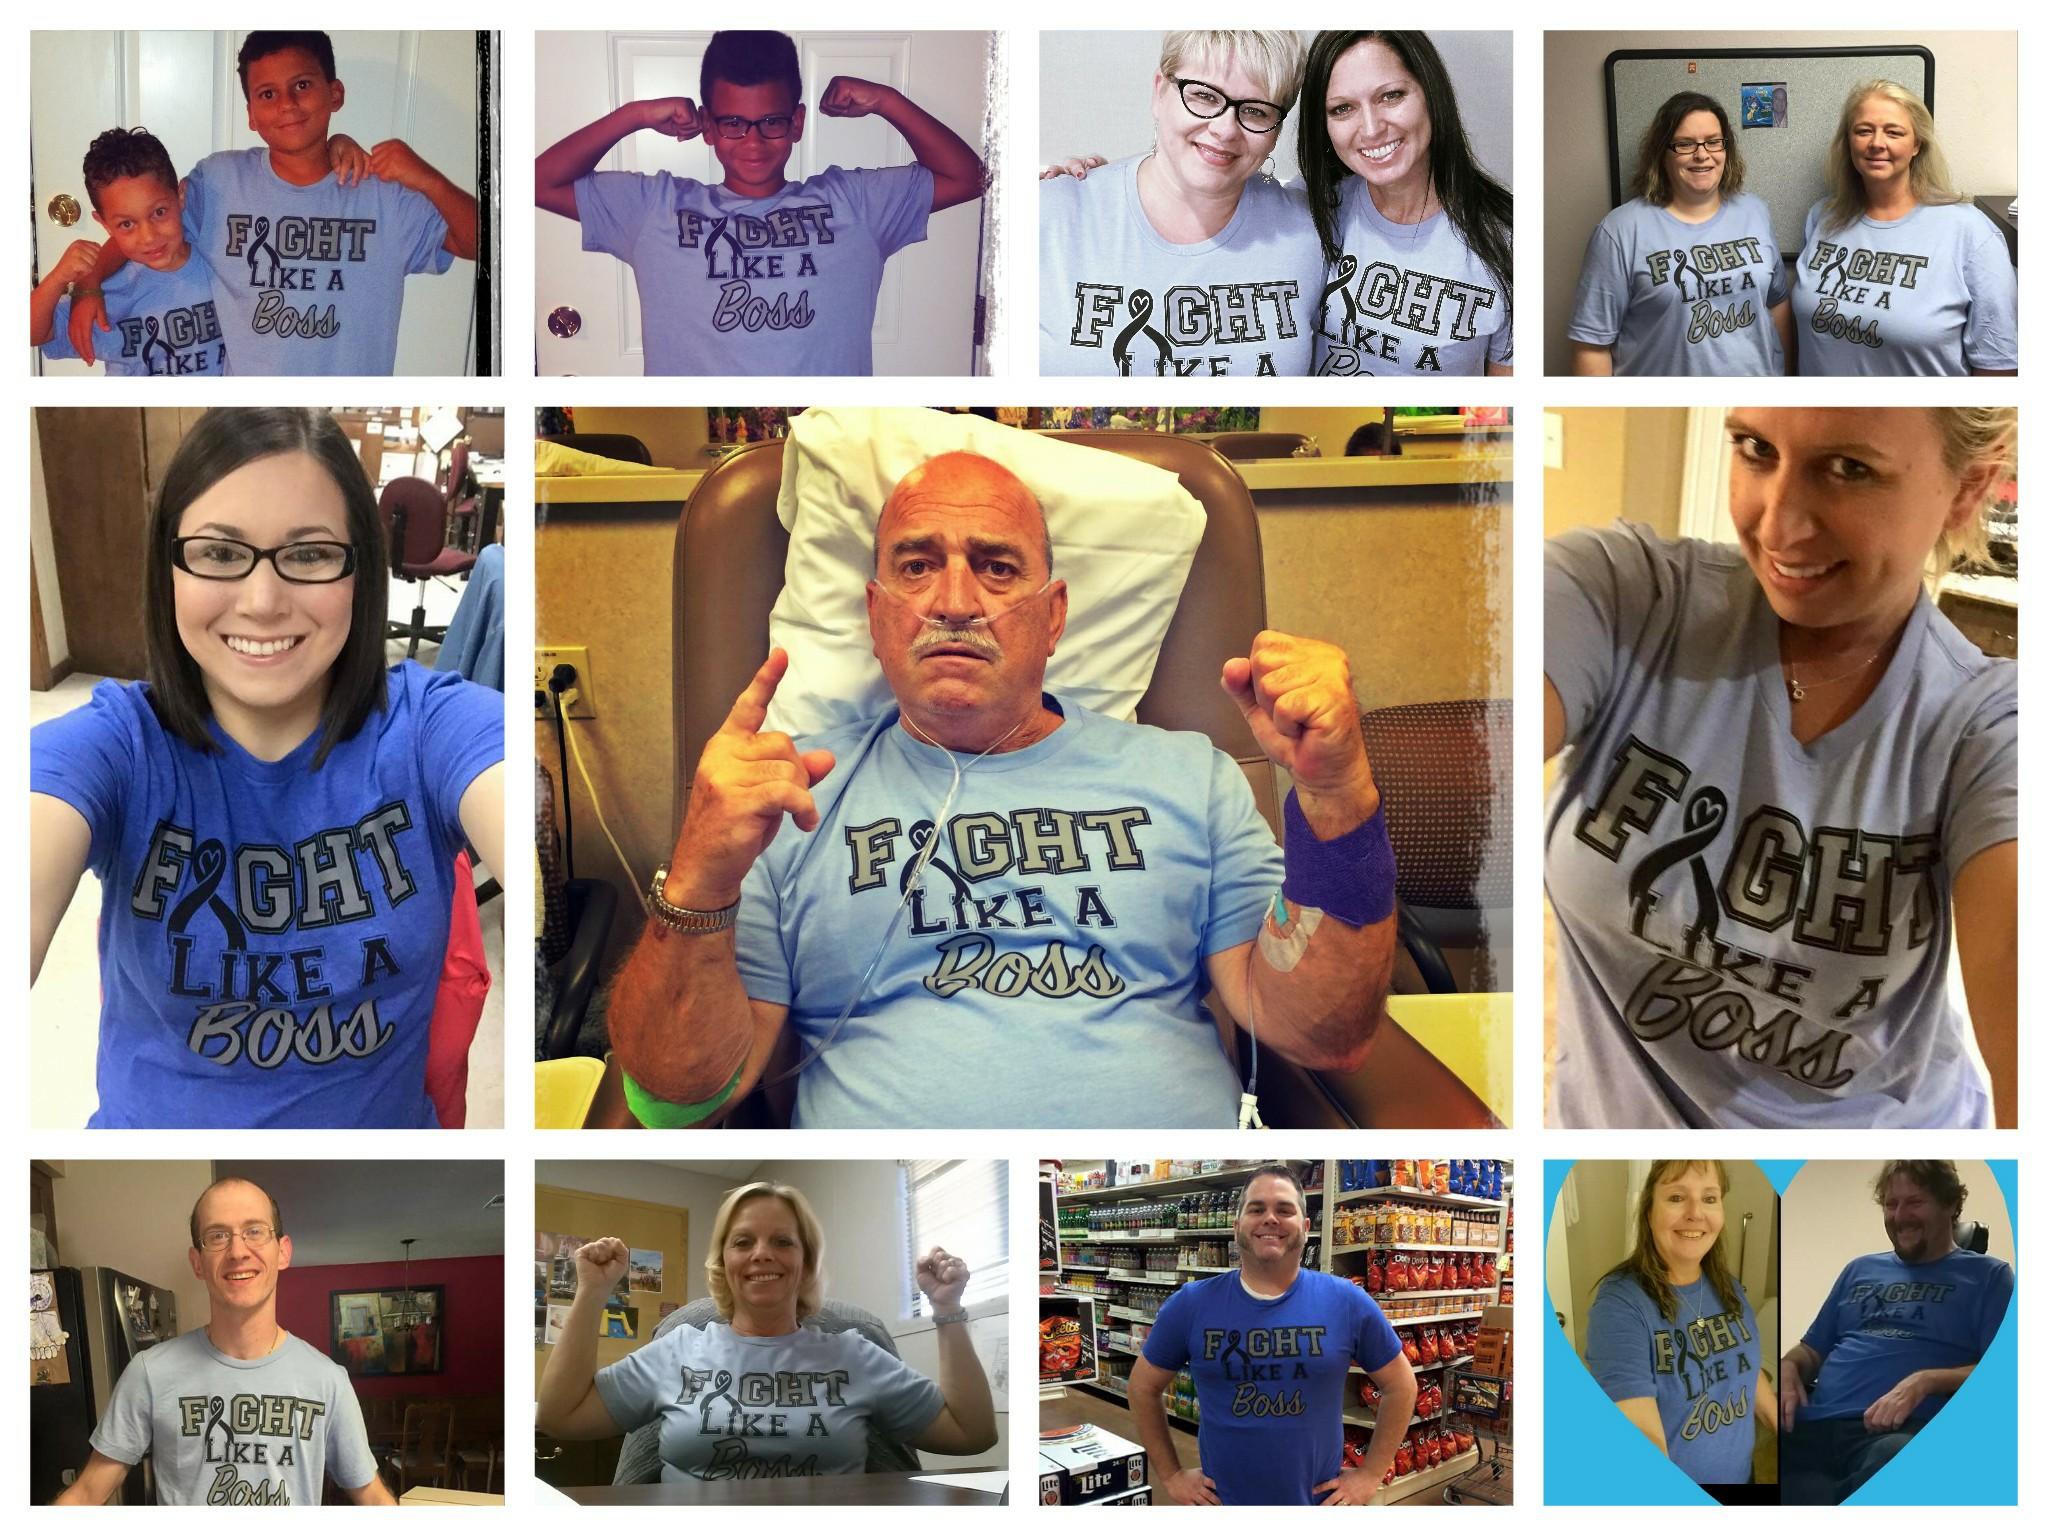 T shirt design help - Win Bdb69e410a1bf2f729ca7c7c7302c3e5e6b61b8b603e37aaf01c9a488b9bd08f Fight Like A Boss T Shirt Photo